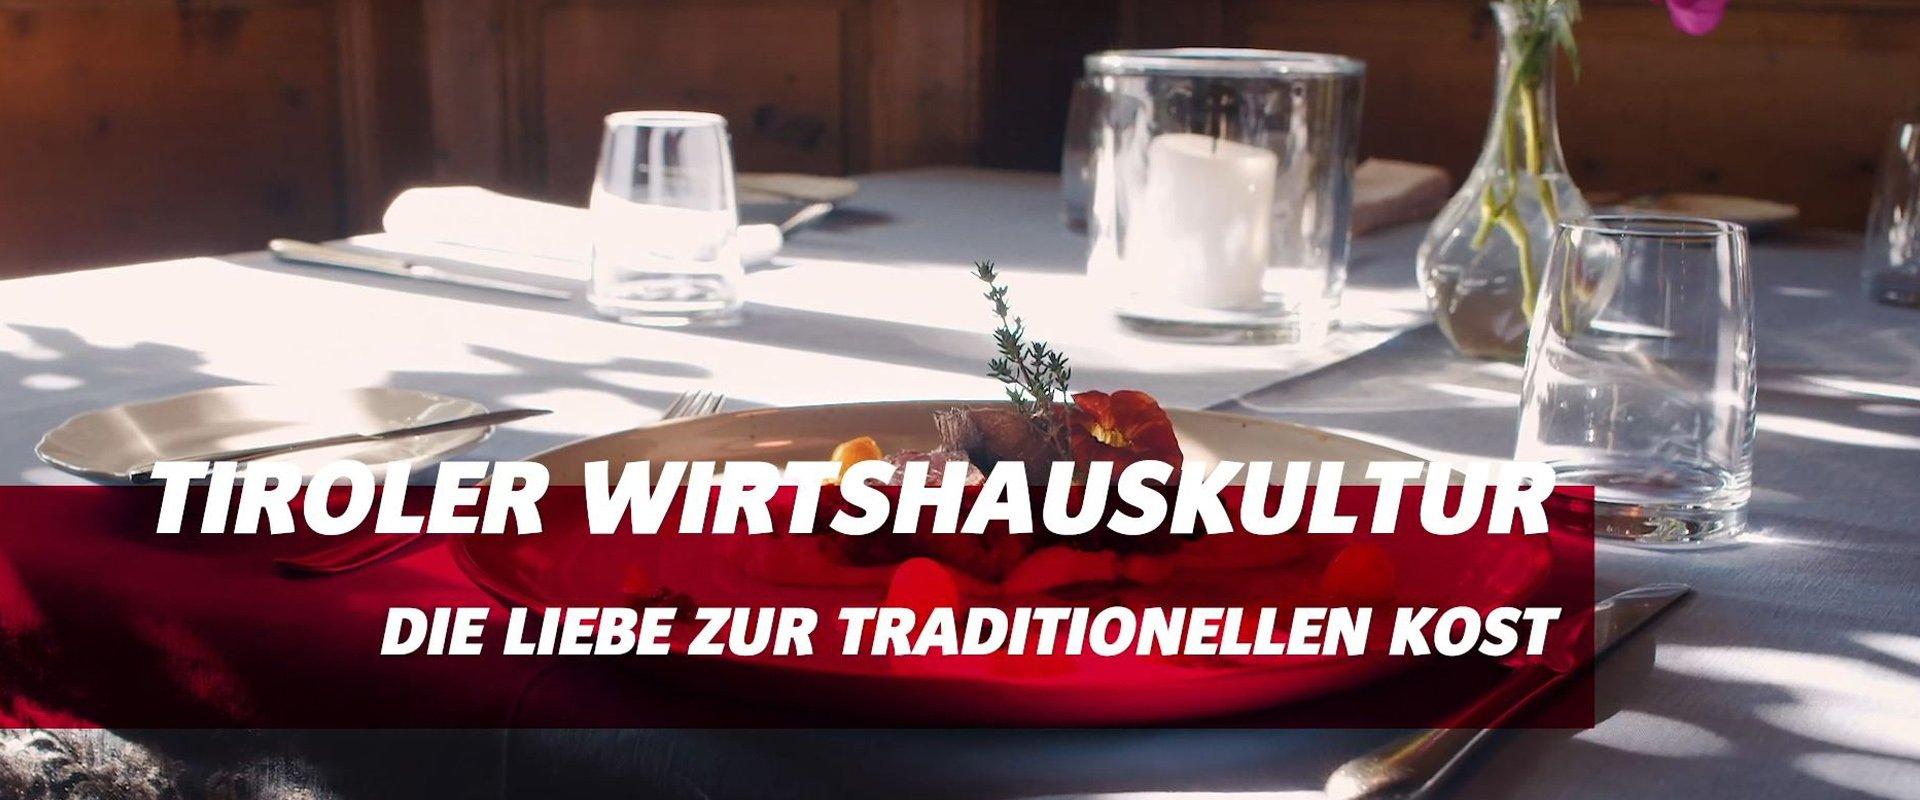 Tiroler Wirtshauskultur